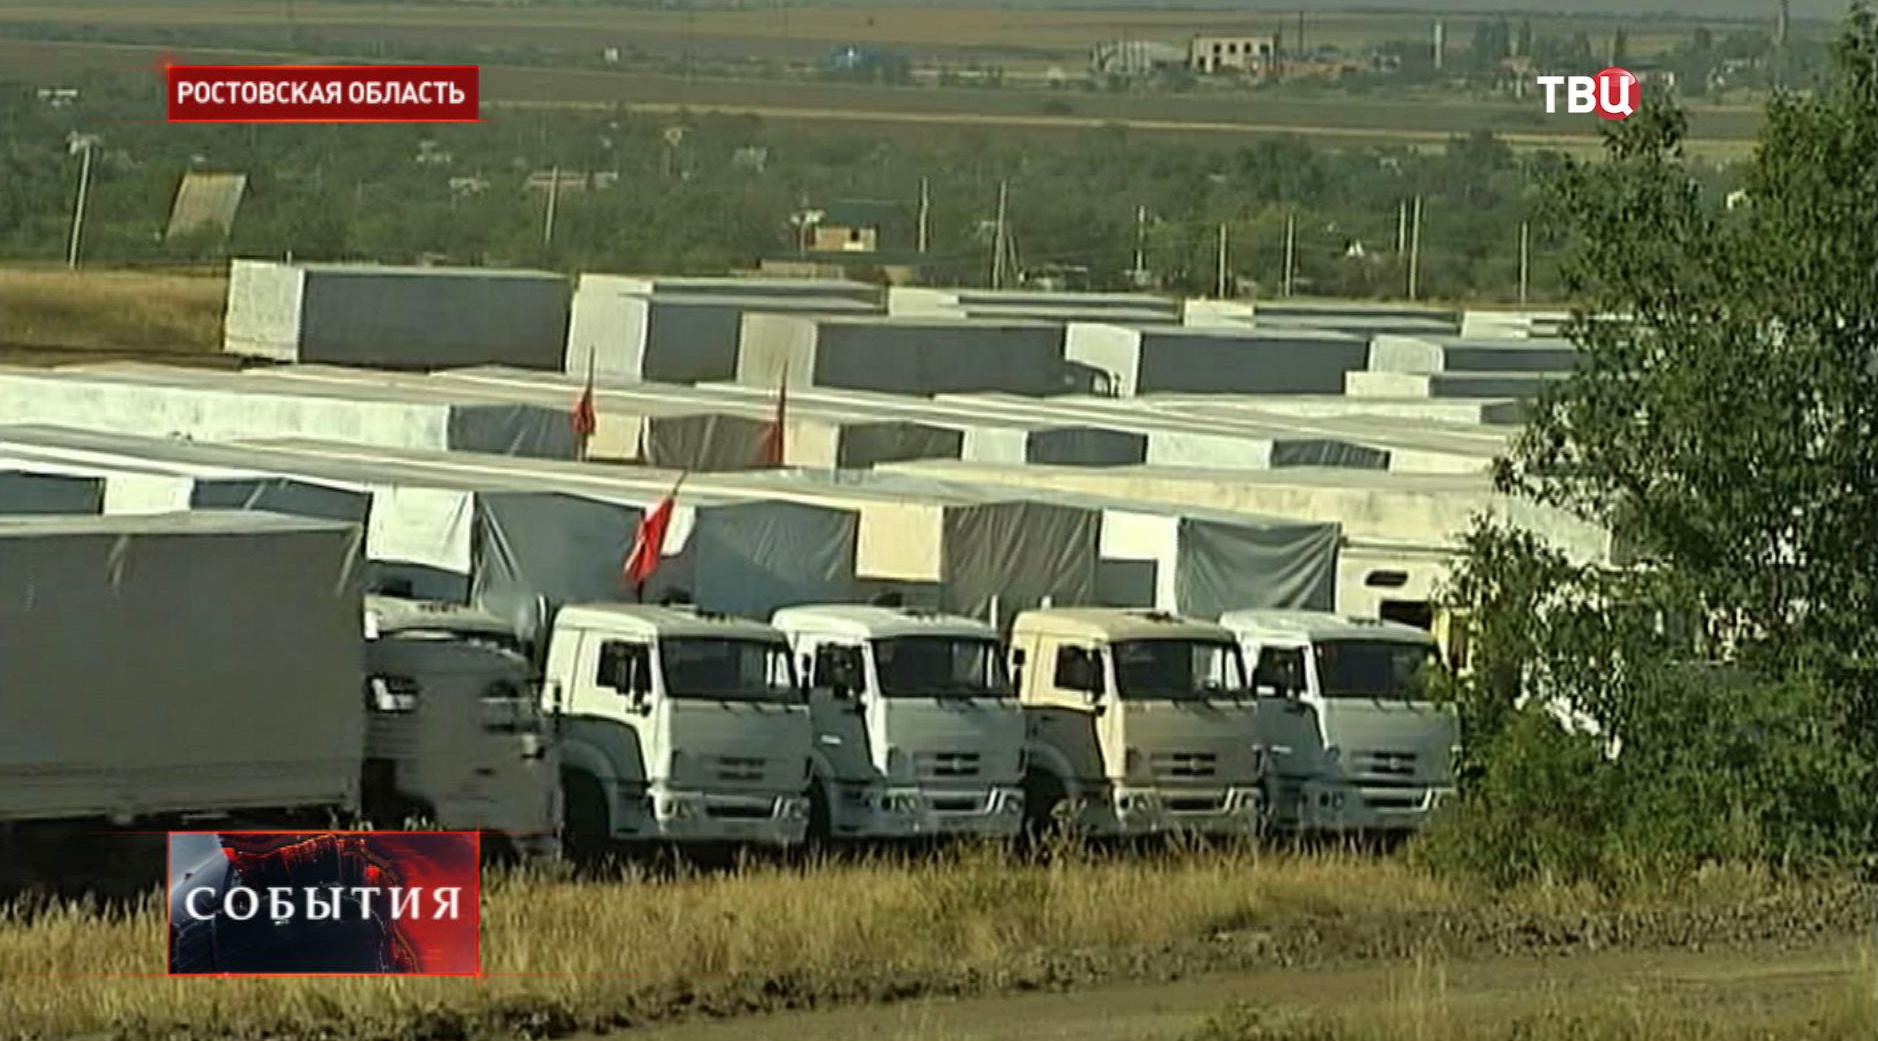 Гуманитарная помощь жителям юго-востока Украины